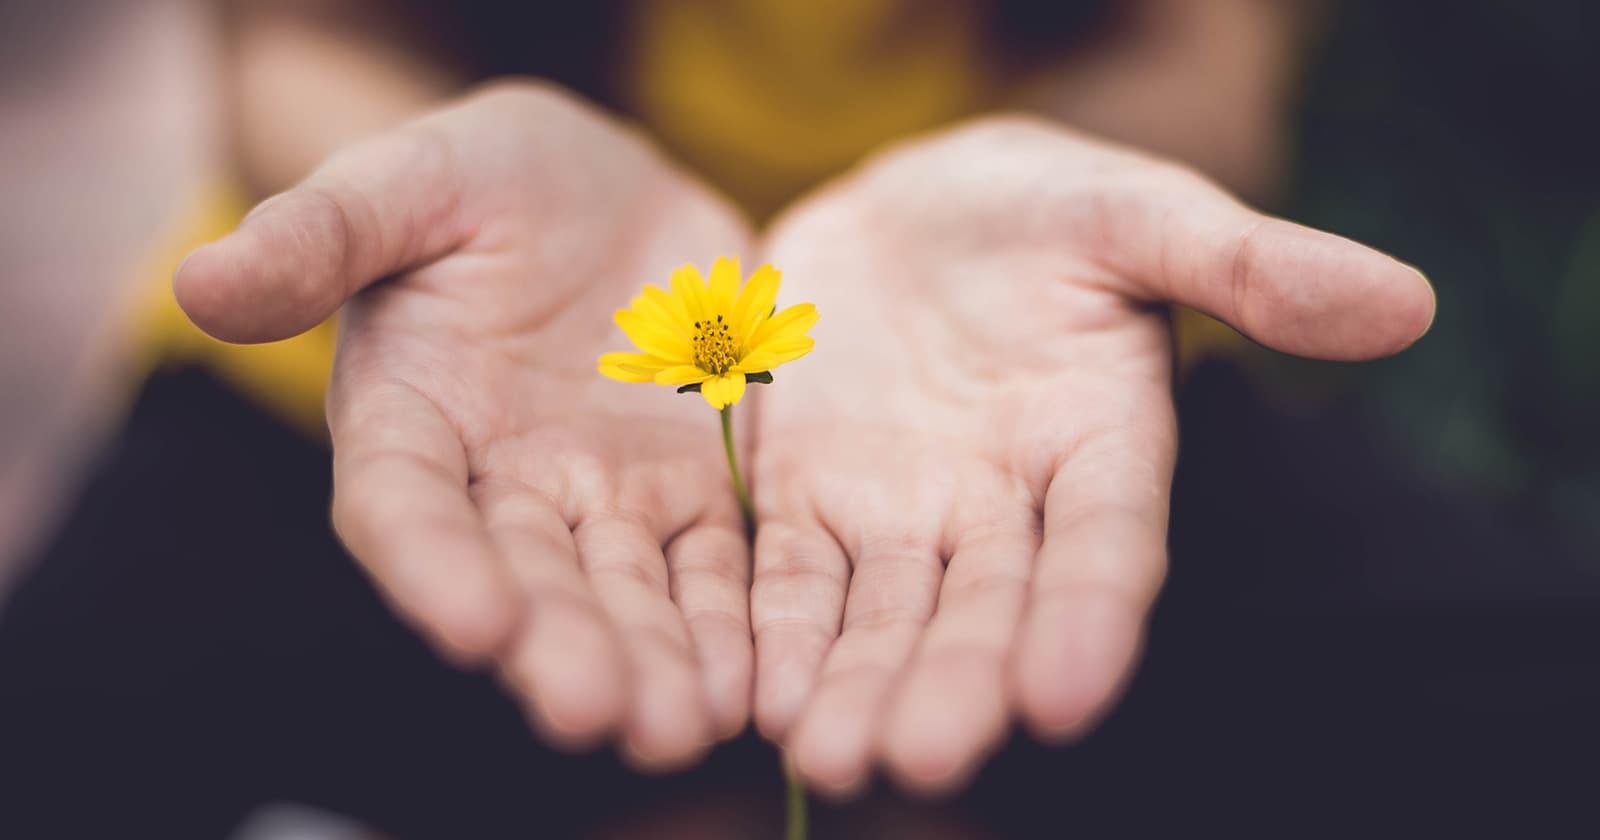 Alături unii de ceilalți: consiliere psihologică pentru cei aflați în carantină sau autoizolare